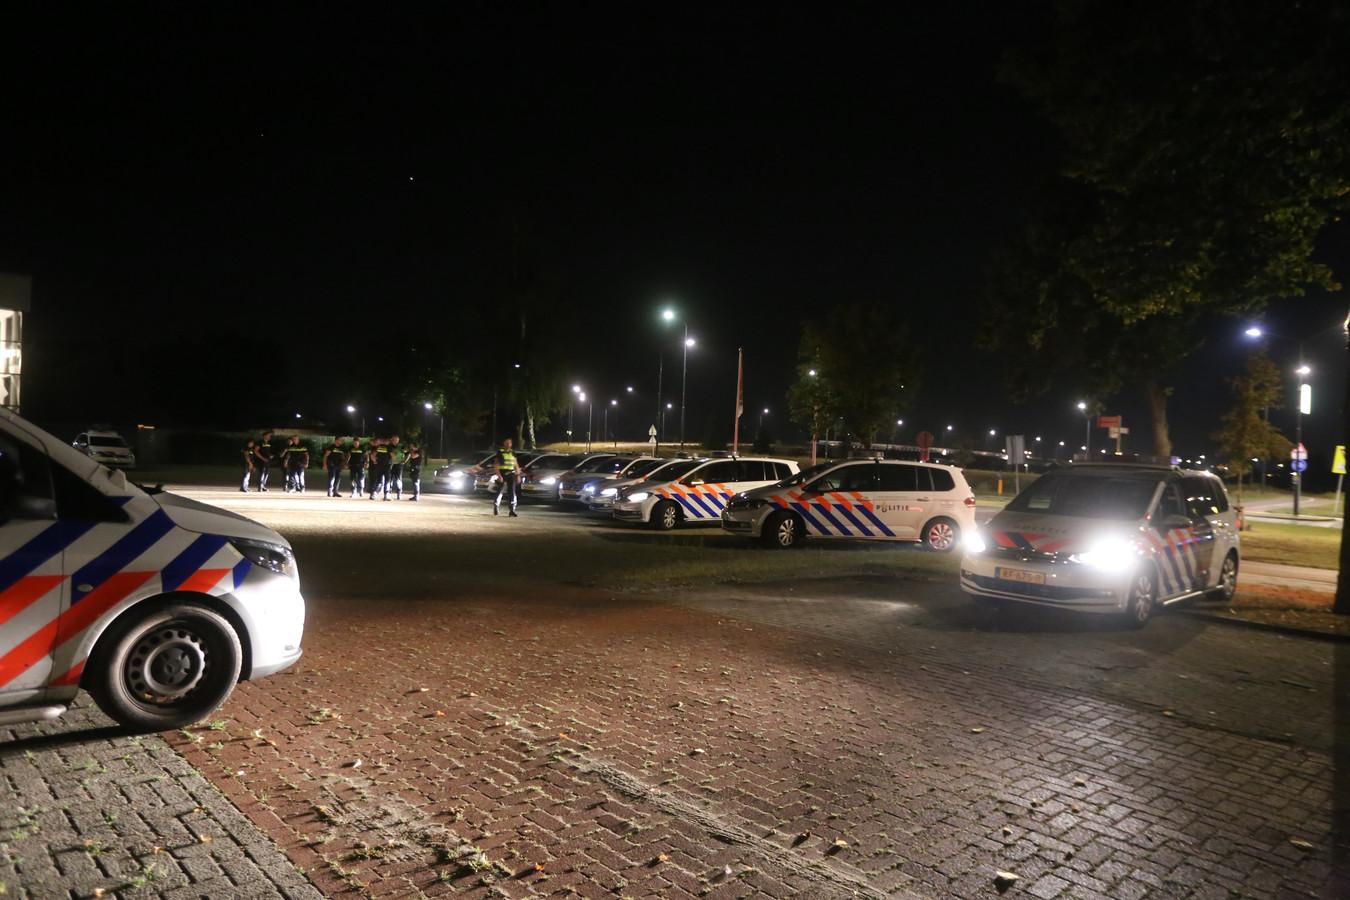 Politie rukte maandag groots uit voor vechtpartij op kermis in Rosmalen.